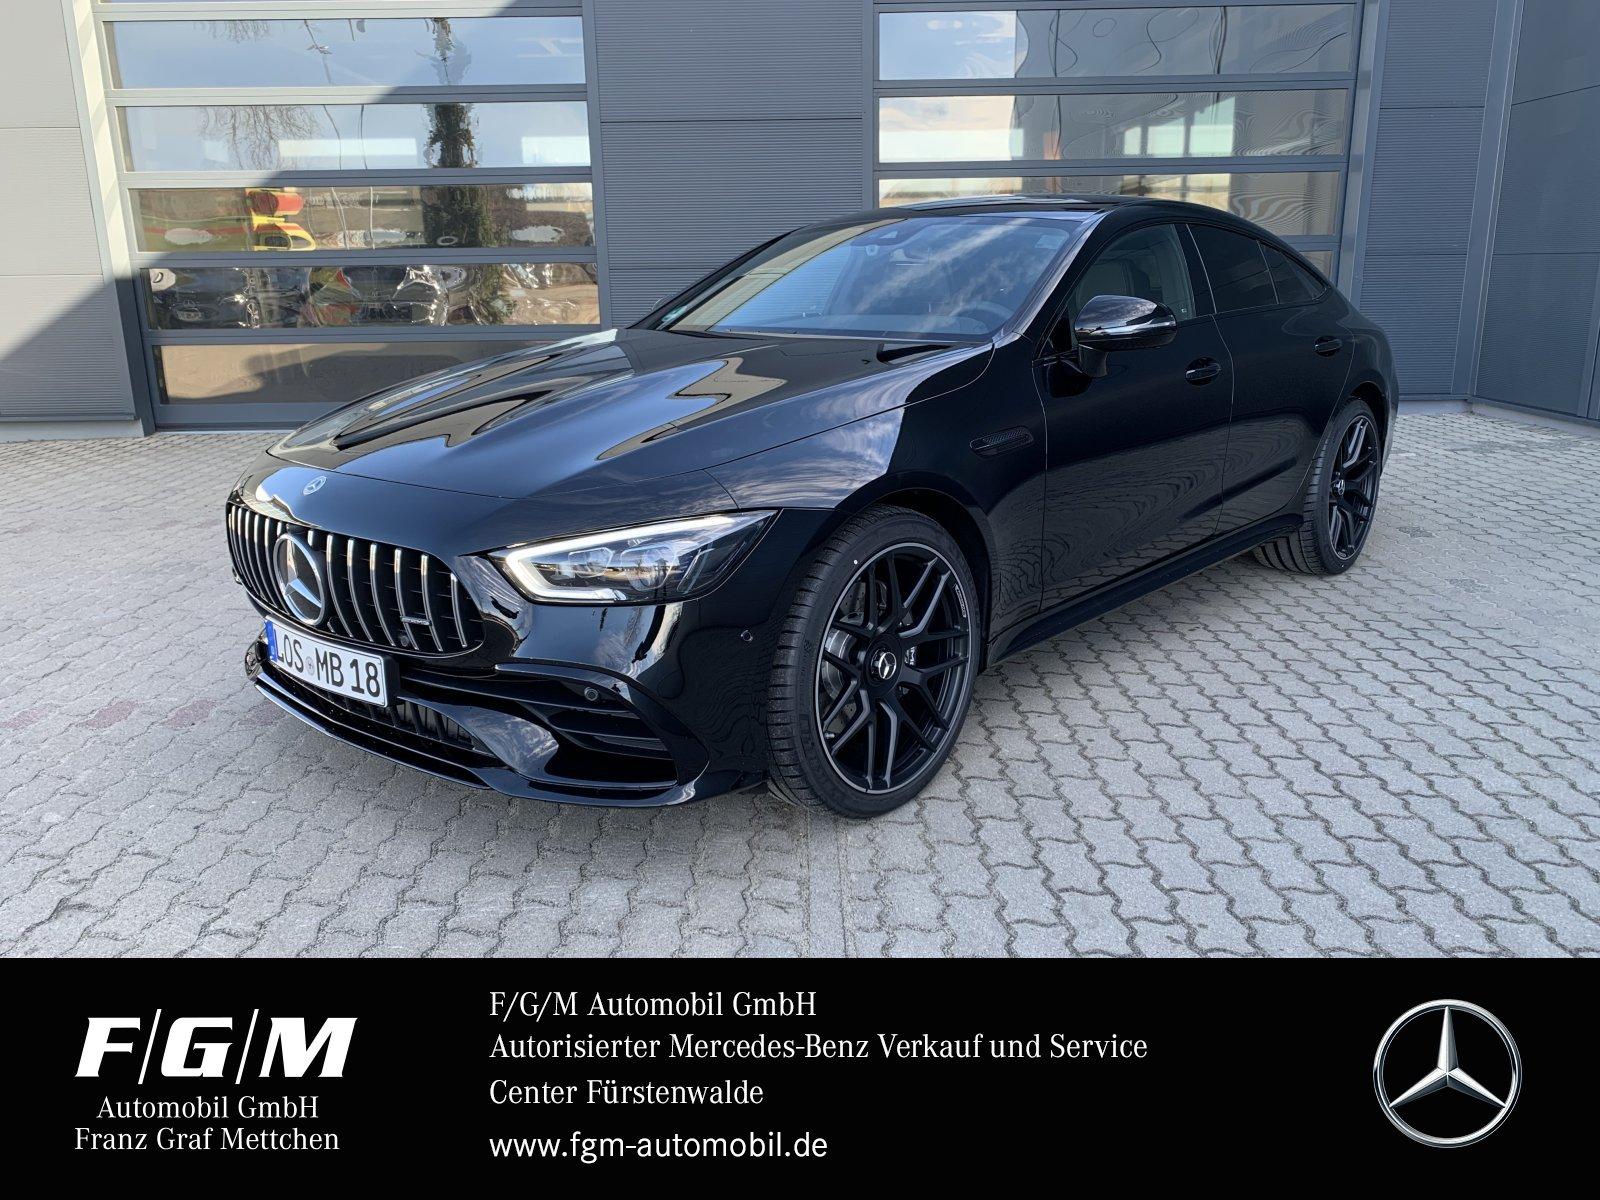 Mercedes-Benz AMG GT 43 4M MBUX/ILS/SHD/Night/ Standheizung, Jahr 2021, Benzin